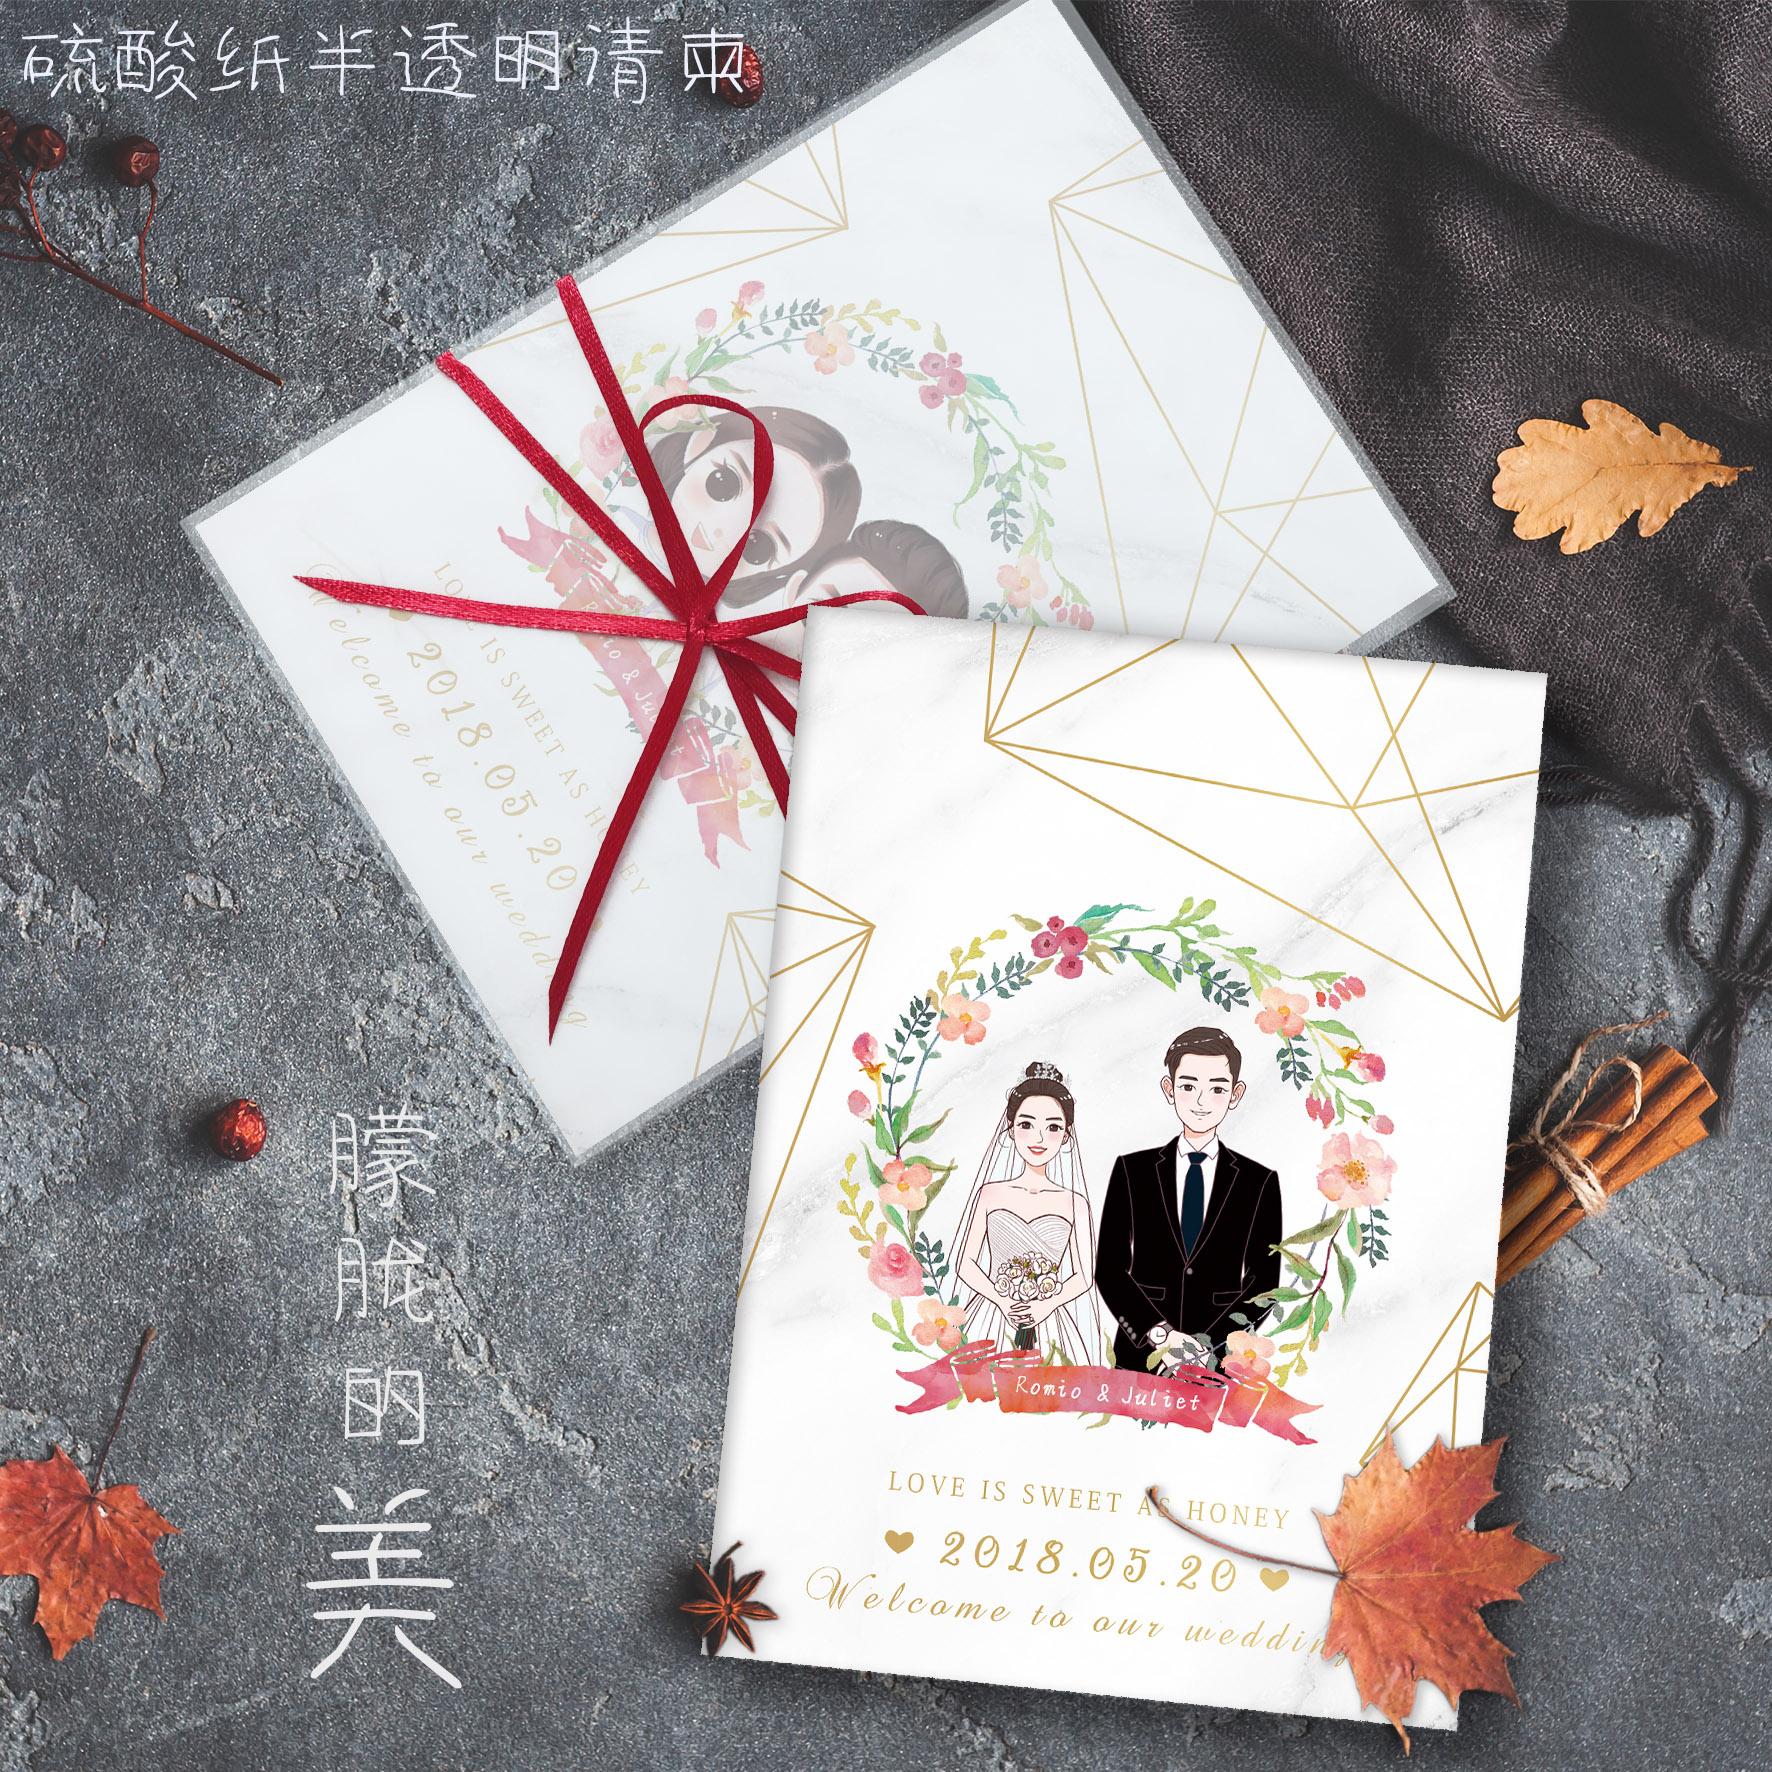 大理石纹请柬森系结婚礼请帖个性创意定制照片小清新硫酸纸喜帖